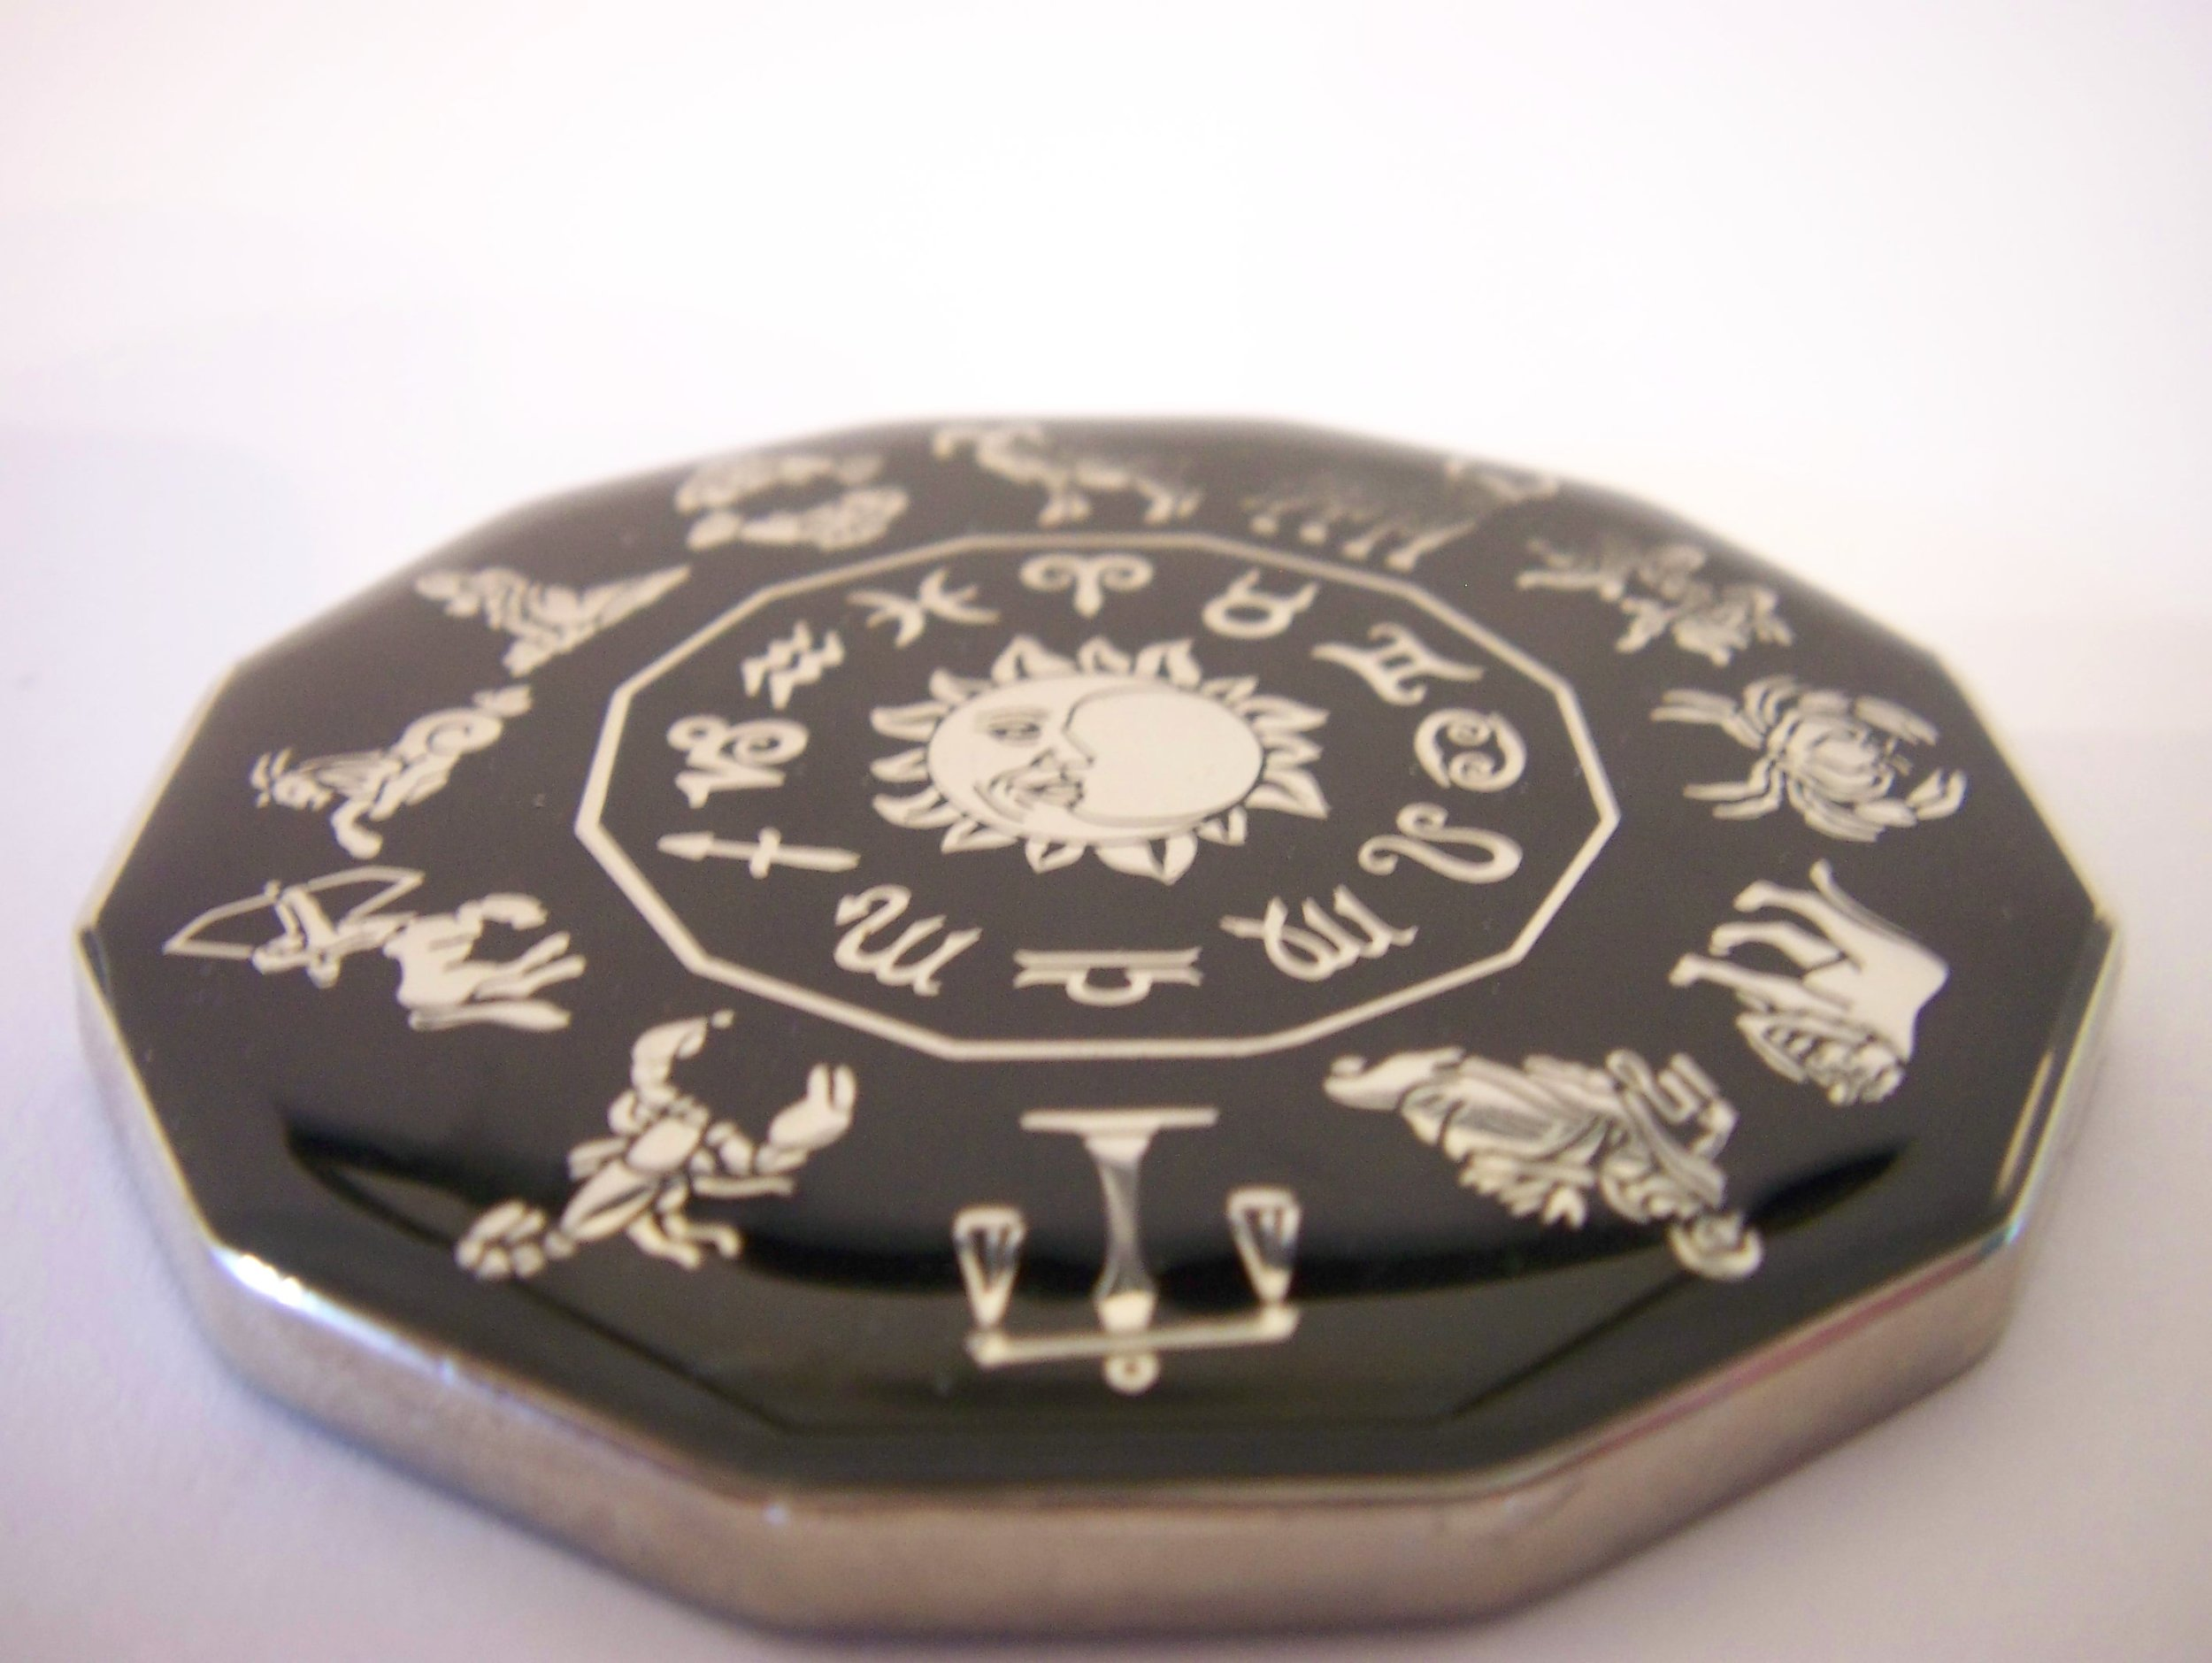 Black Scorpio Commerative Poker Guard Coin Large & Heavy